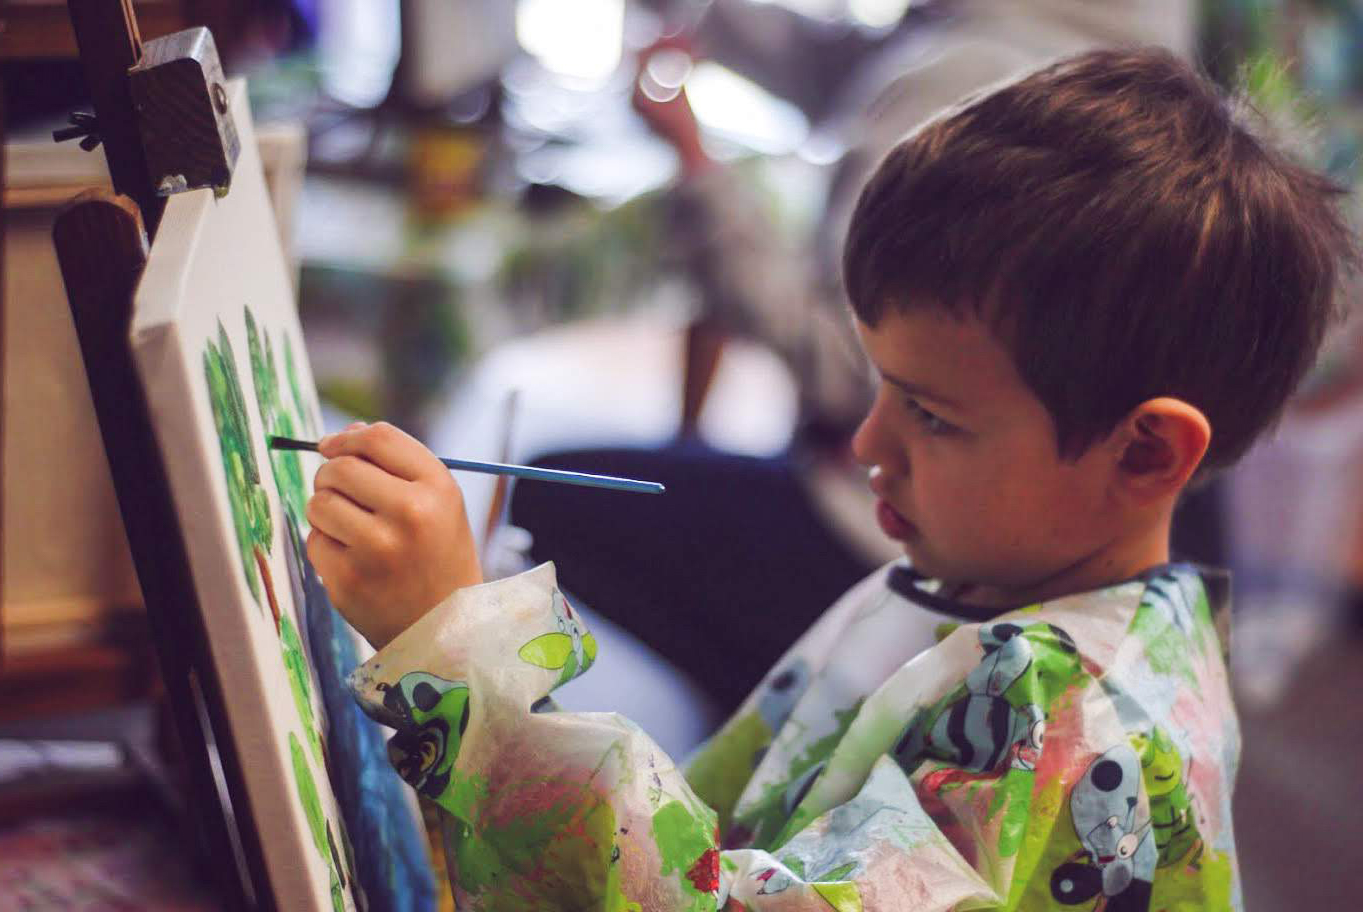 Dajemy dzieciom przestrzeń do bycia sobą - Kasia Czemarmazowicz